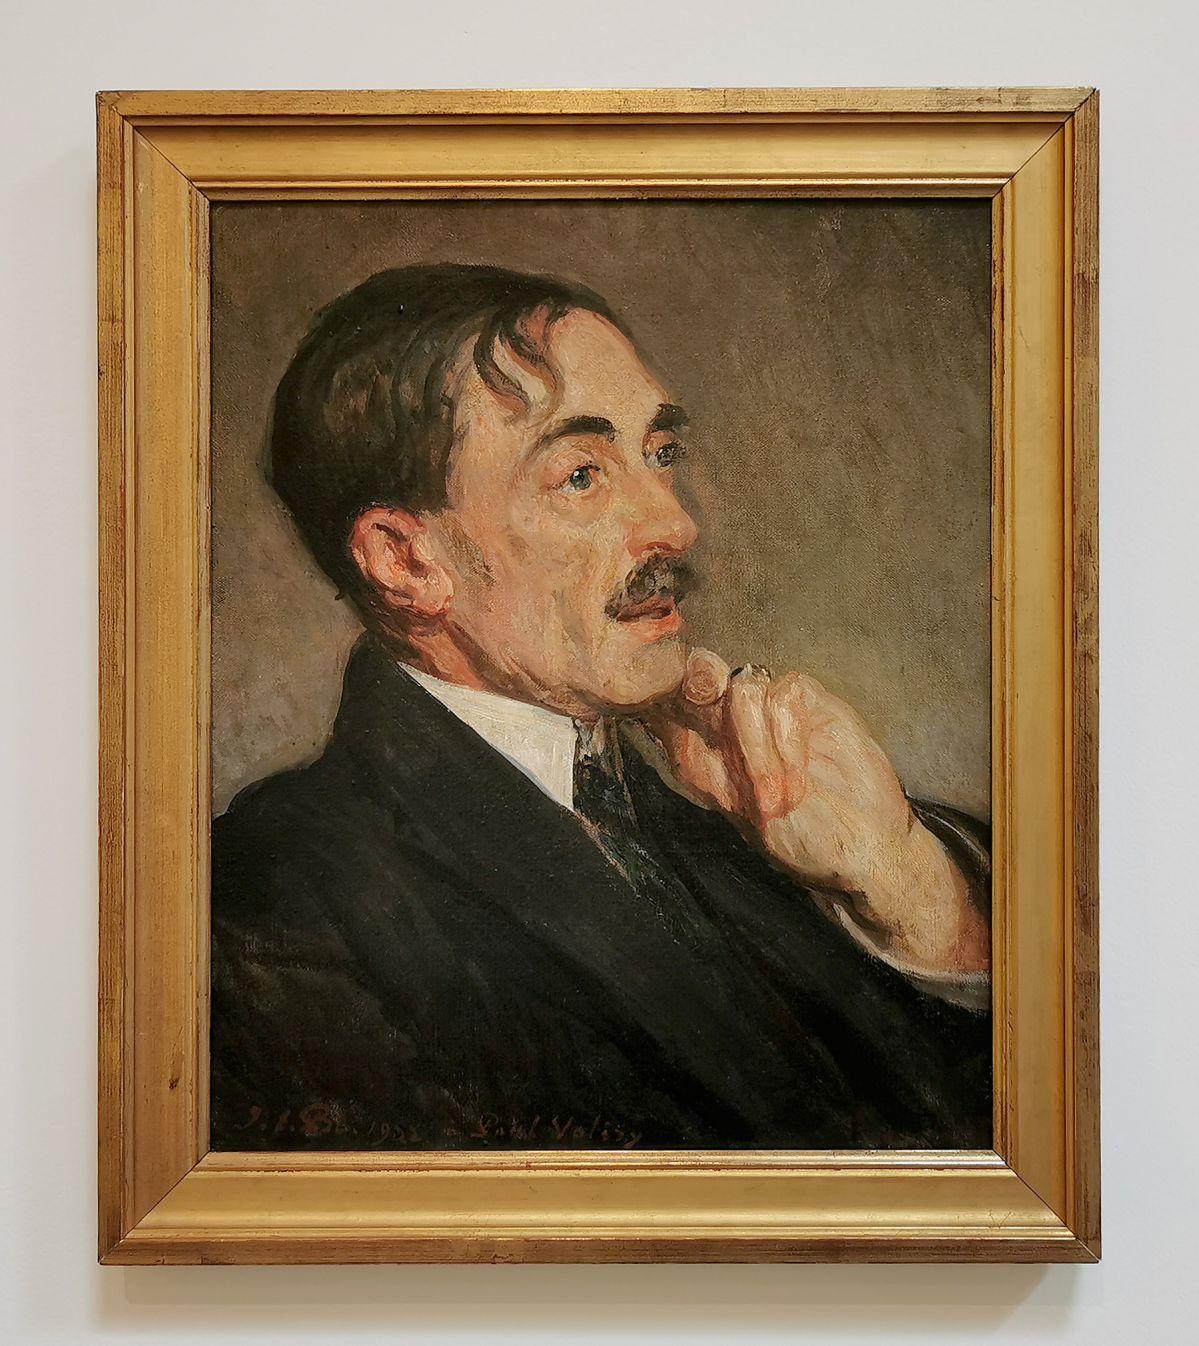 Jacques Émile Blanche - Portrait de Paul Valéry, 1923 - Paul Valéry et les peintres - Le cercle amical proche - Musée Paul Valéry à Sète